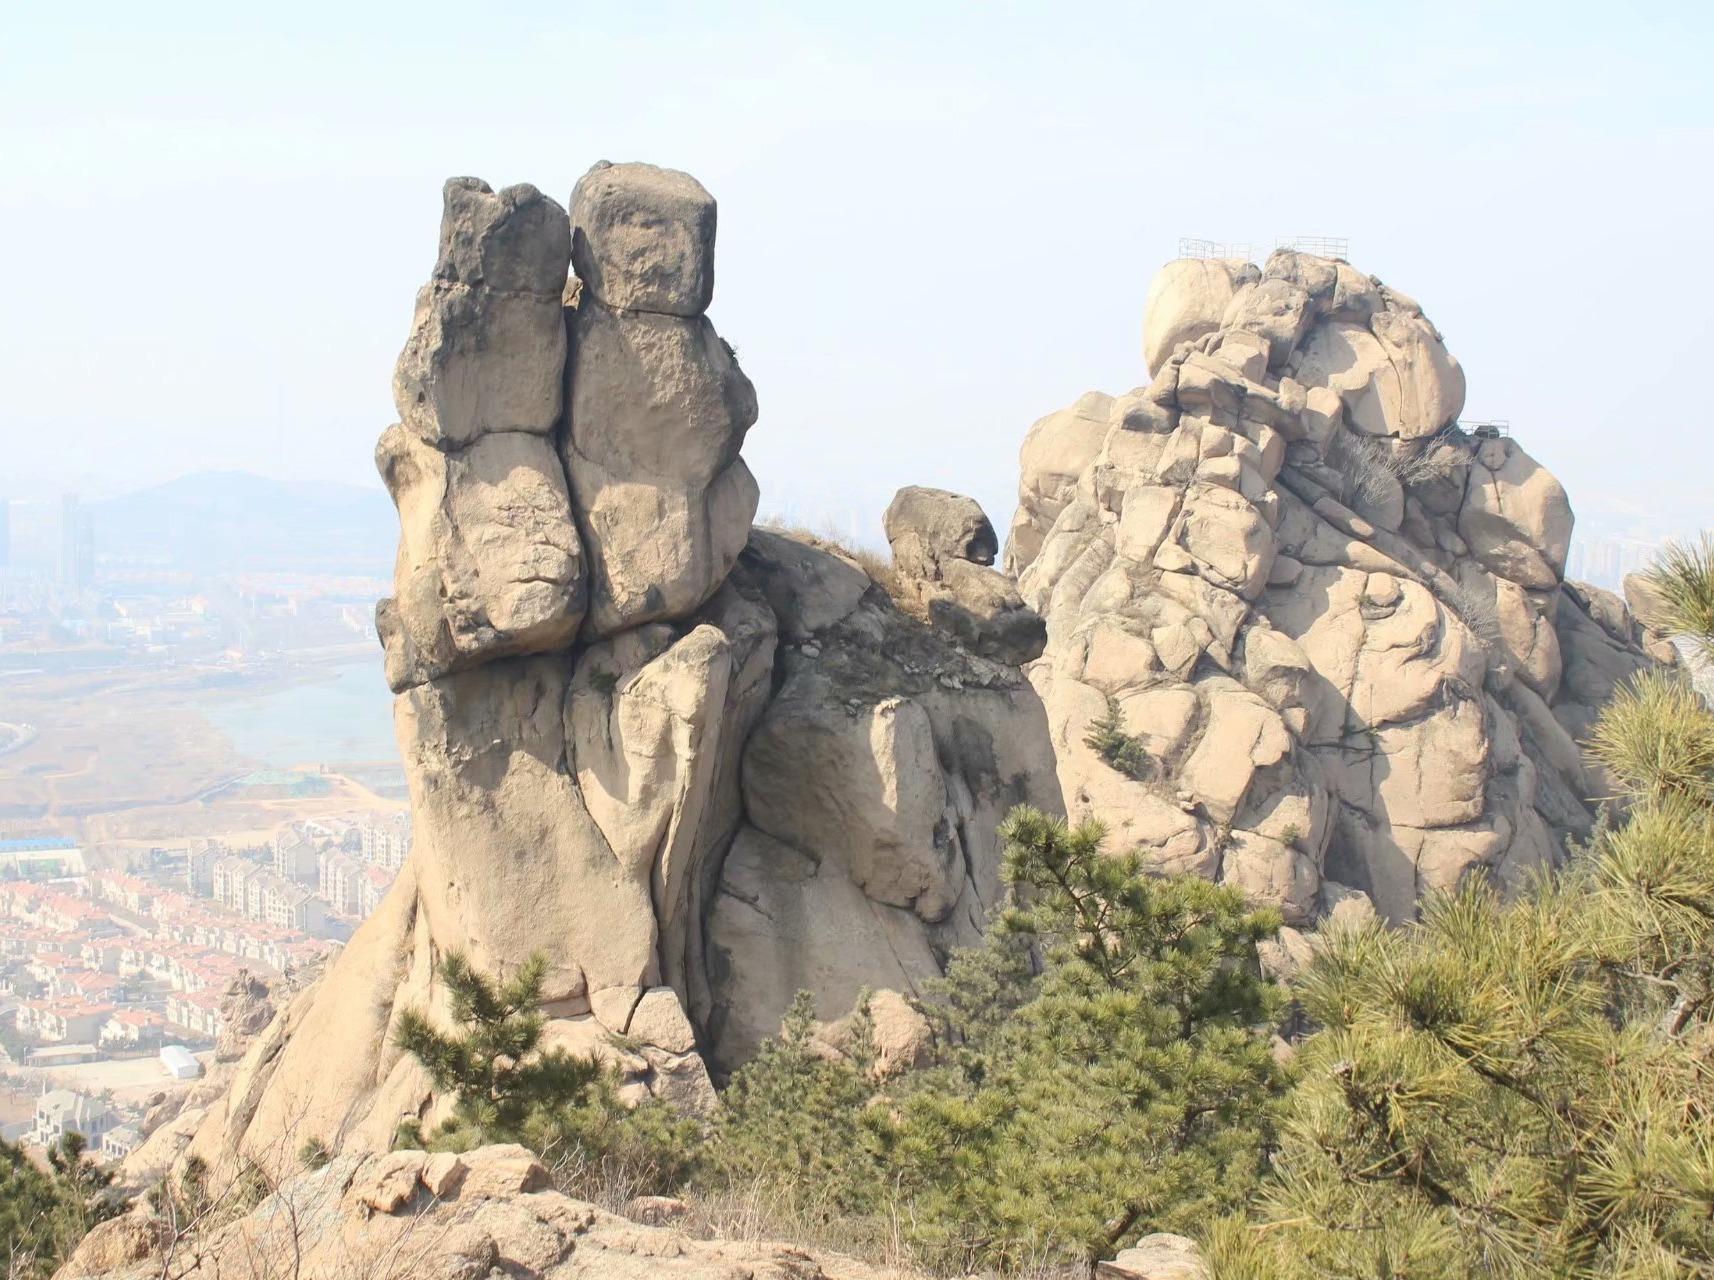 10.13号竹子庵霸王洞太和爬山活动召集